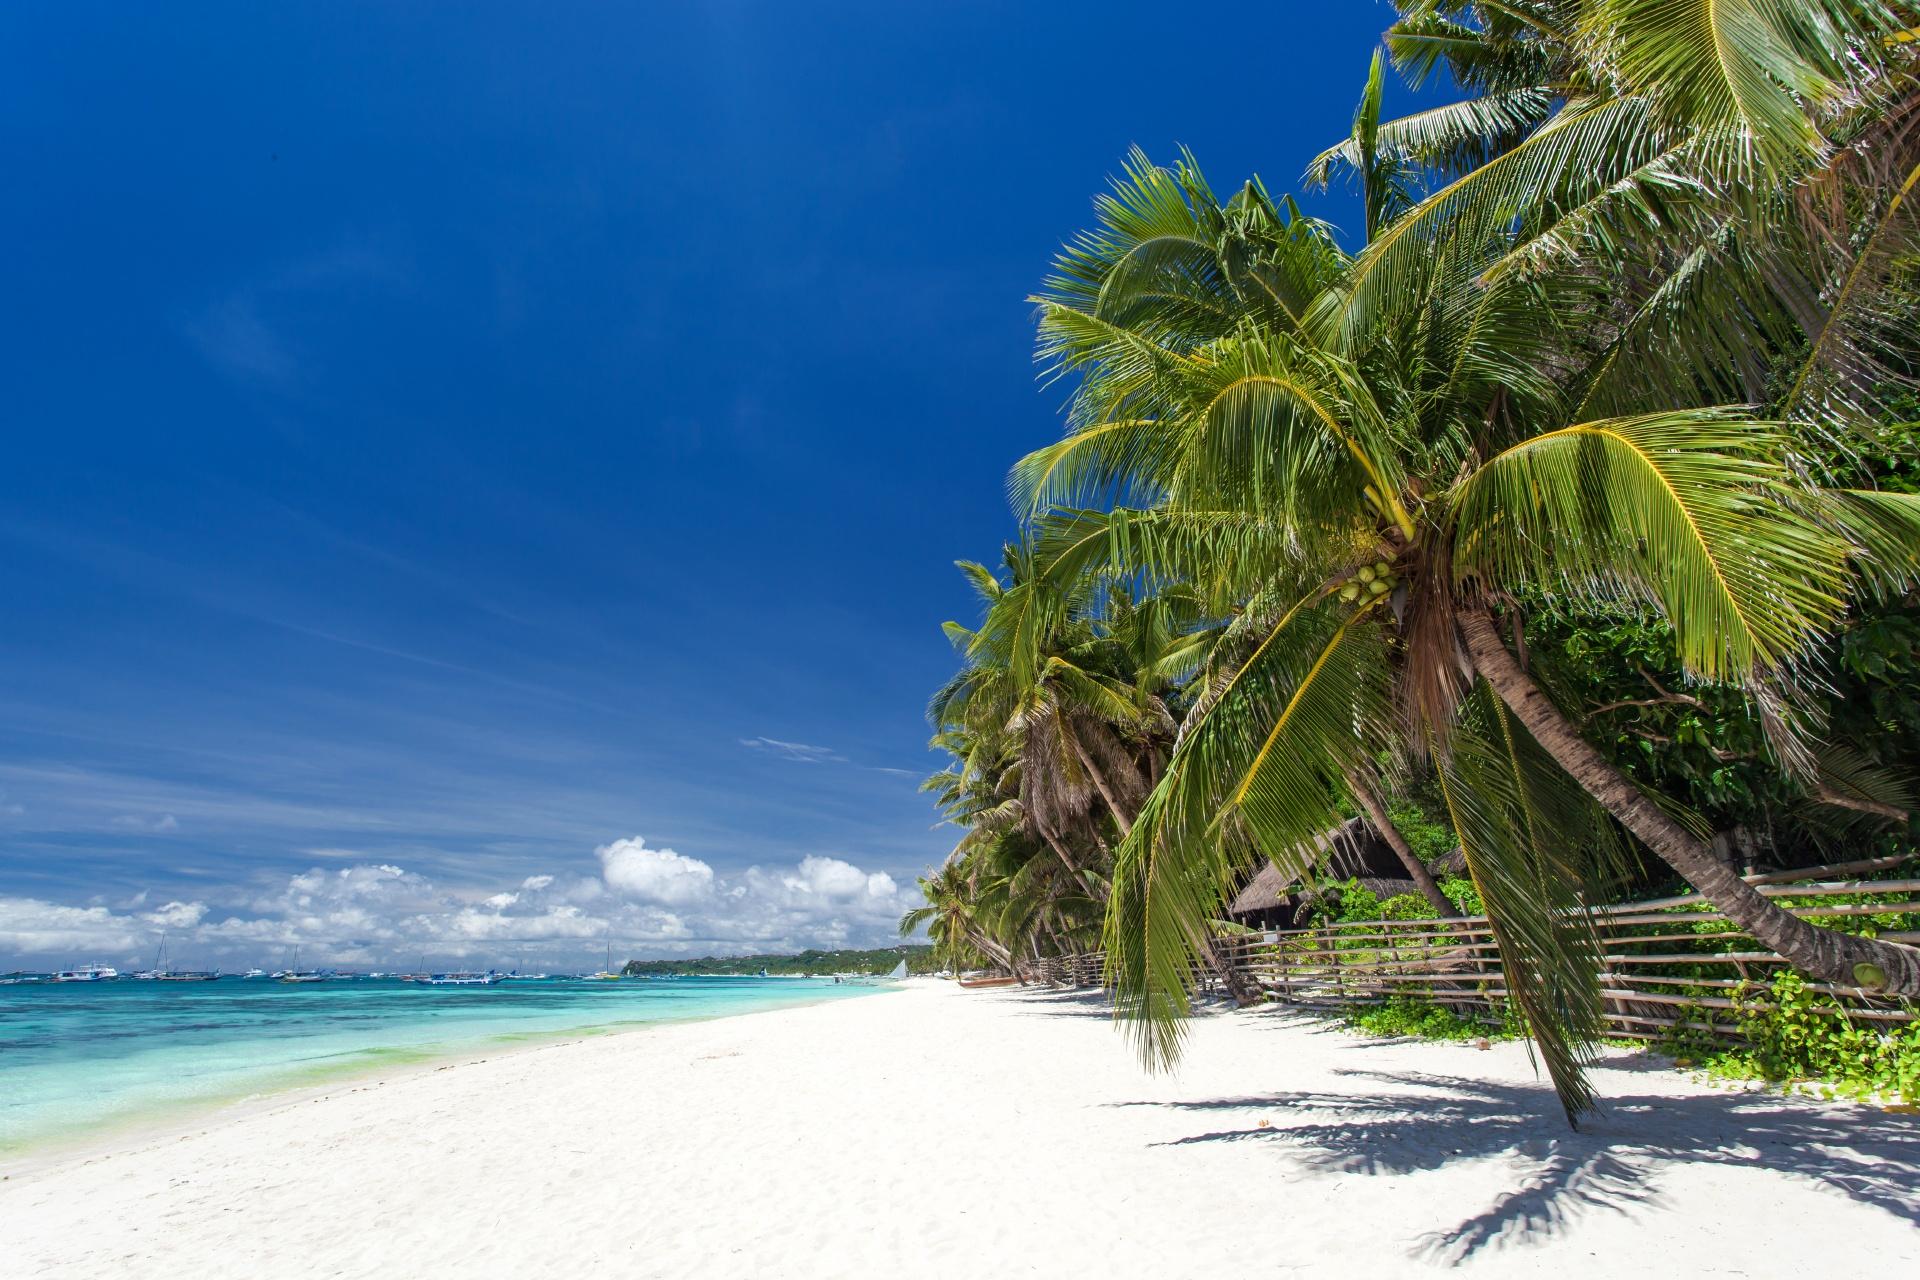 ボラカイ島の風景 フィリピンの風景